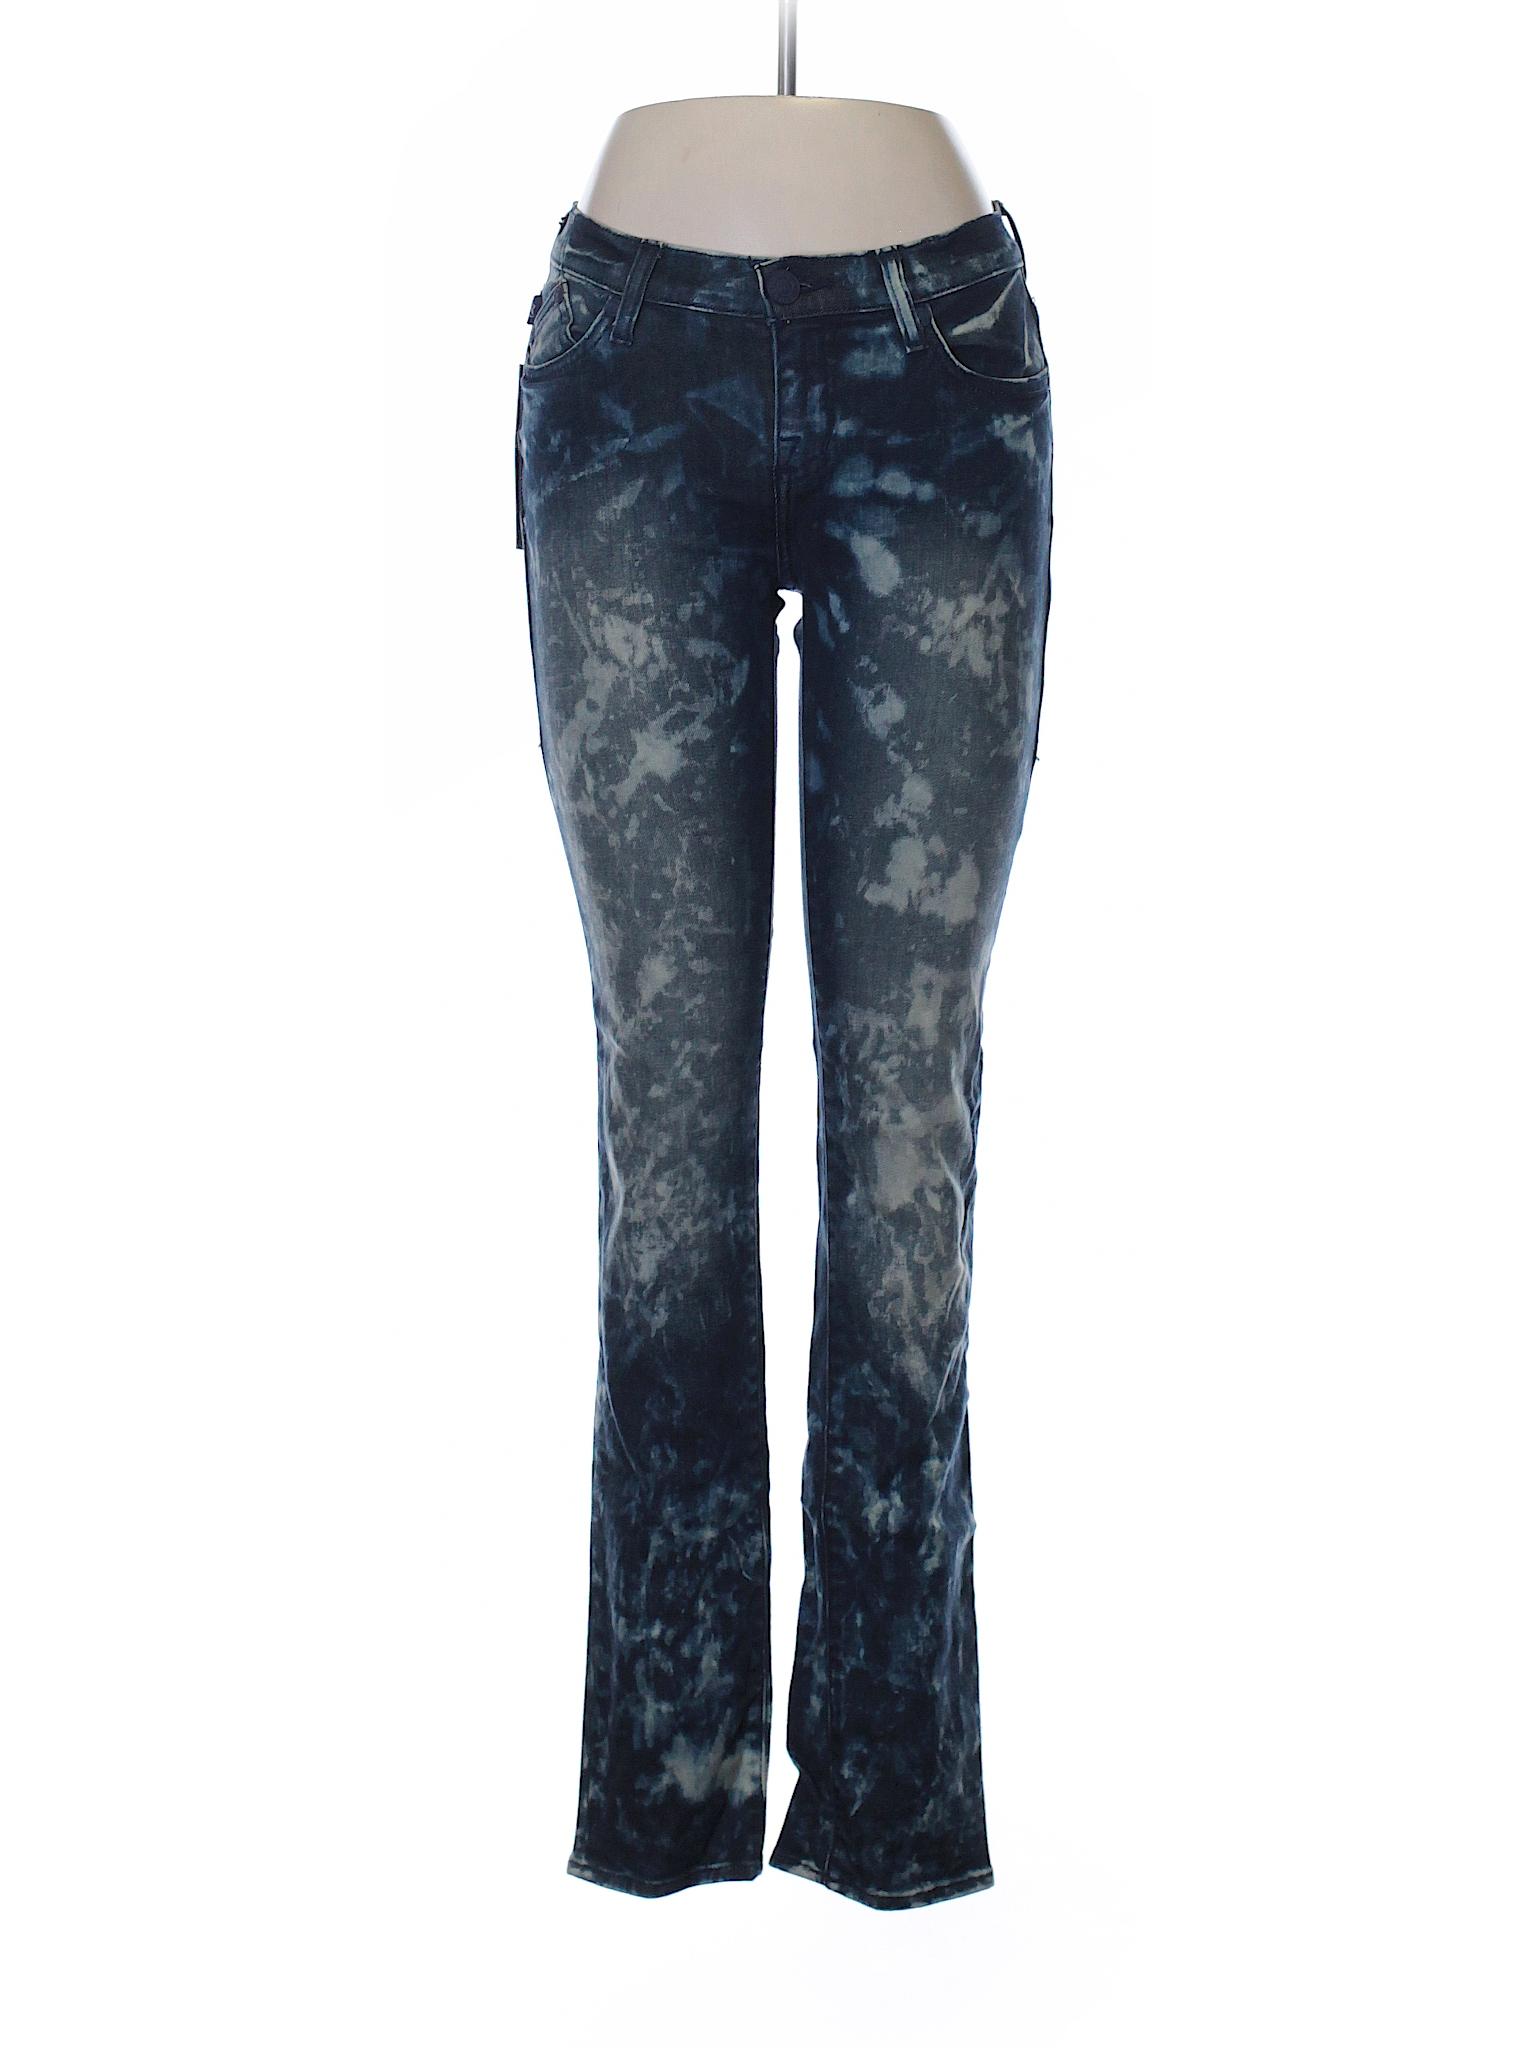 rock republic jeans 98 off only on thredup. Black Bedroom Furniture Sets. Home Design Ideas